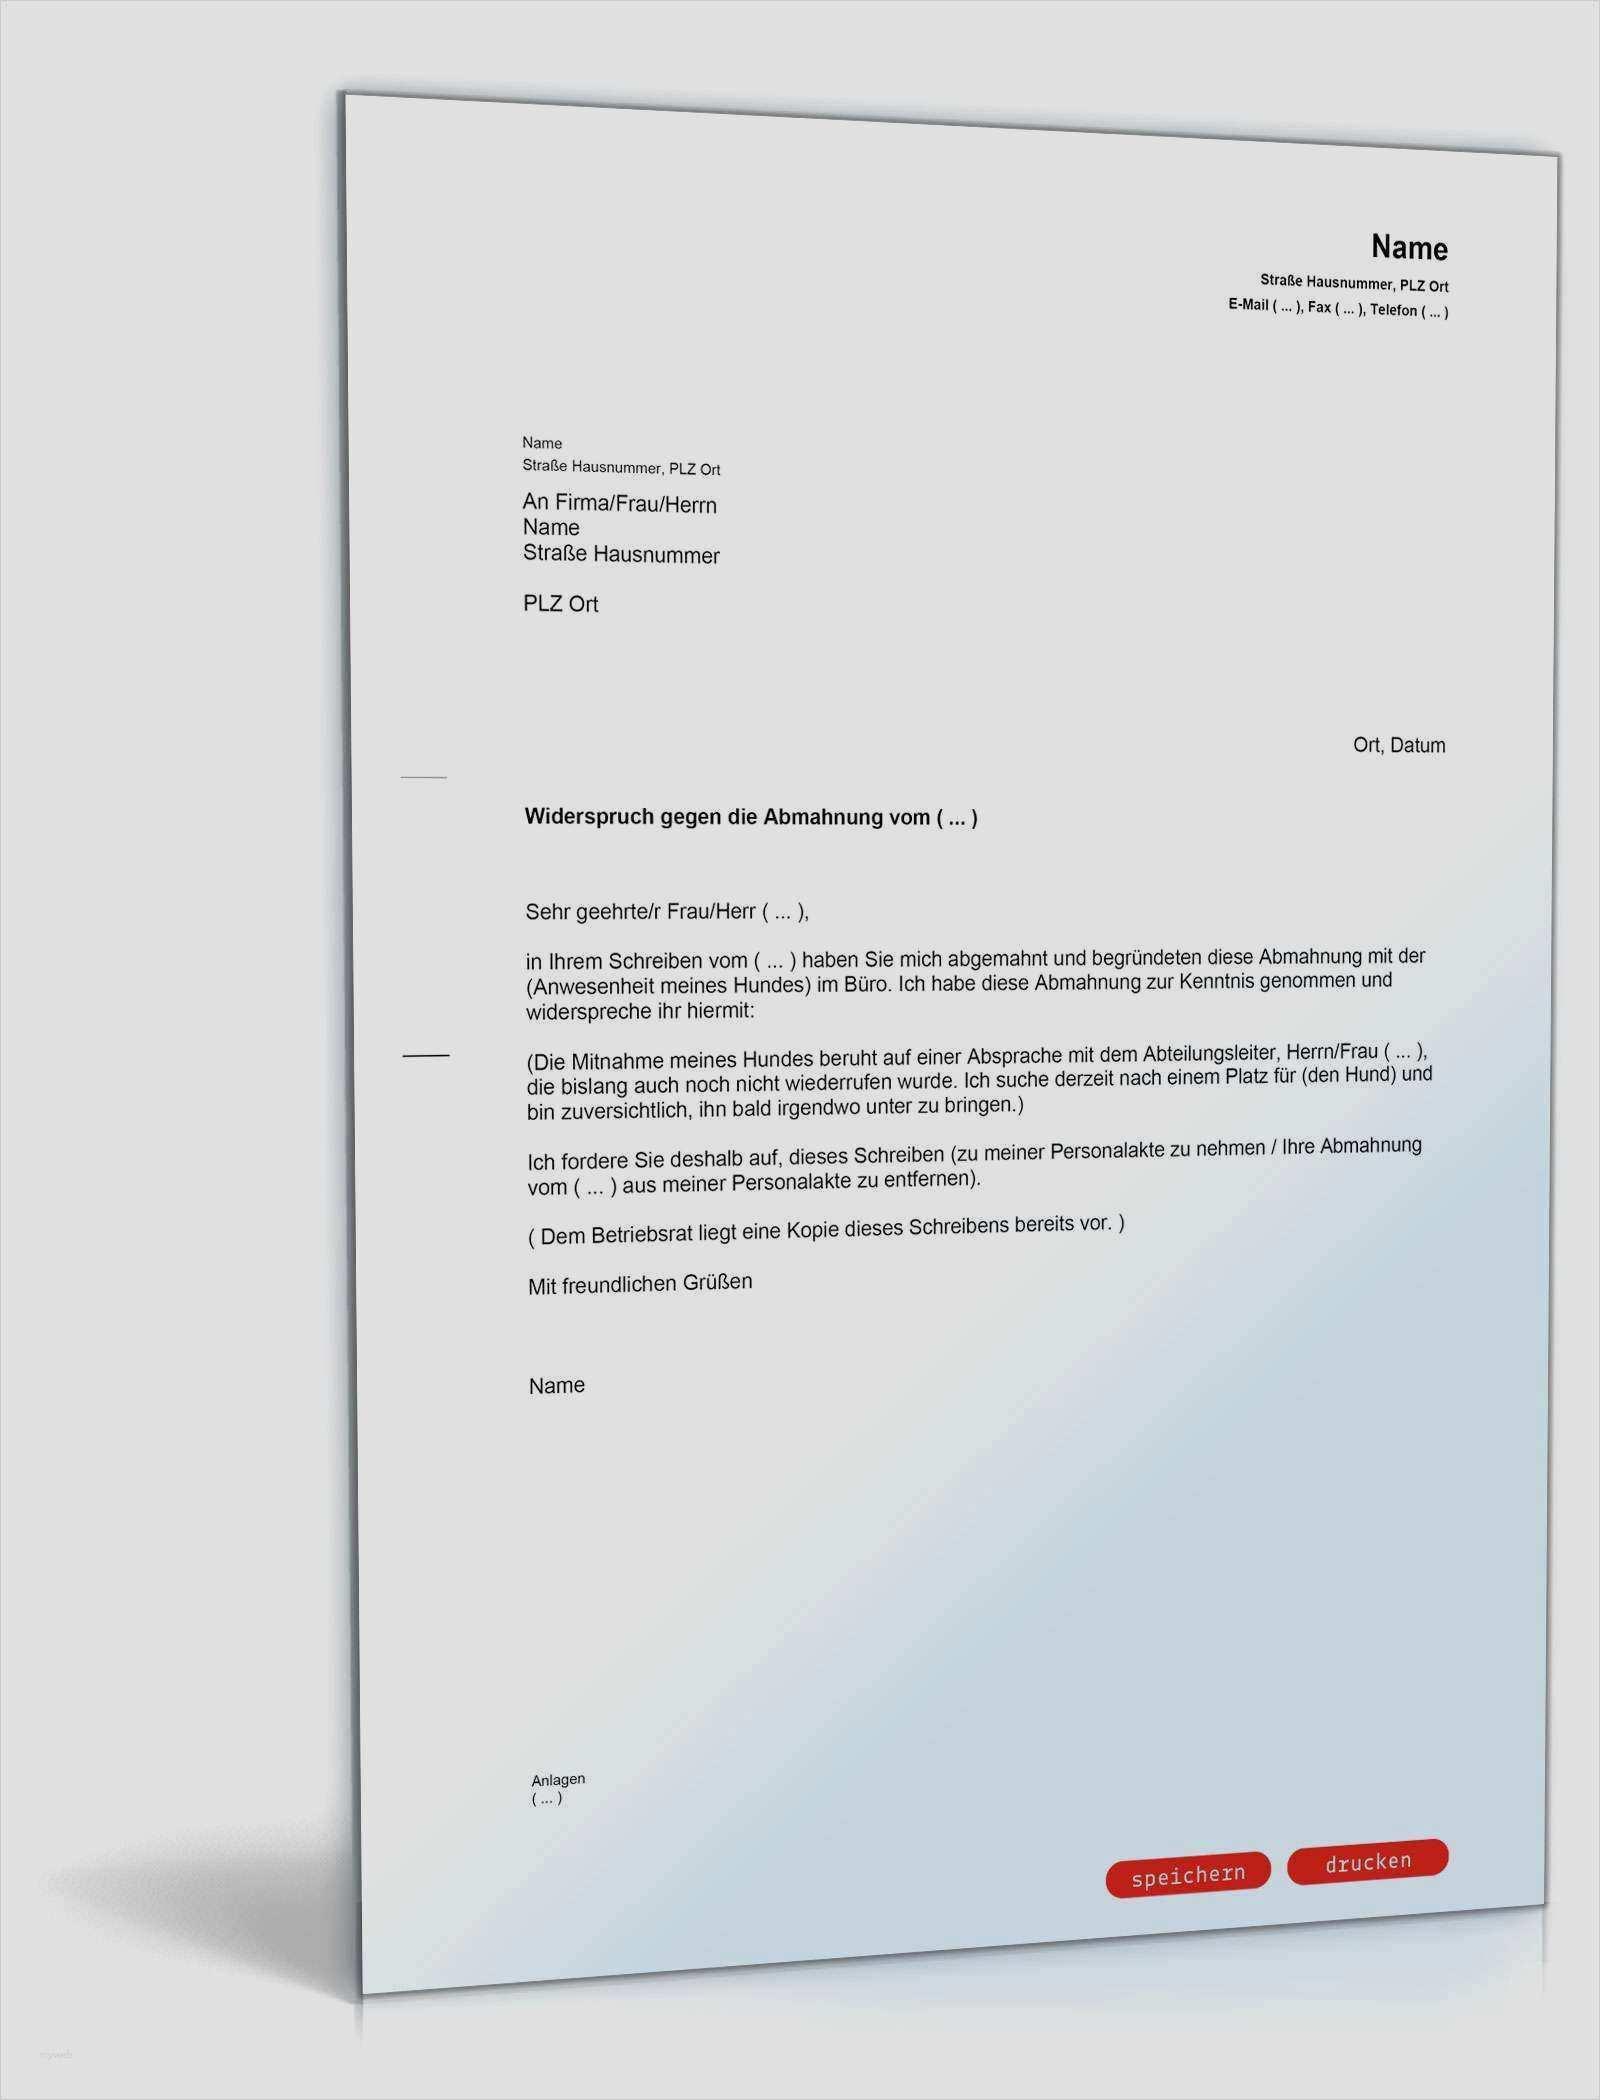 Fahrtenbuch Poolfahrzeug Vorlage 16 Schonste Ebendiese Konnen